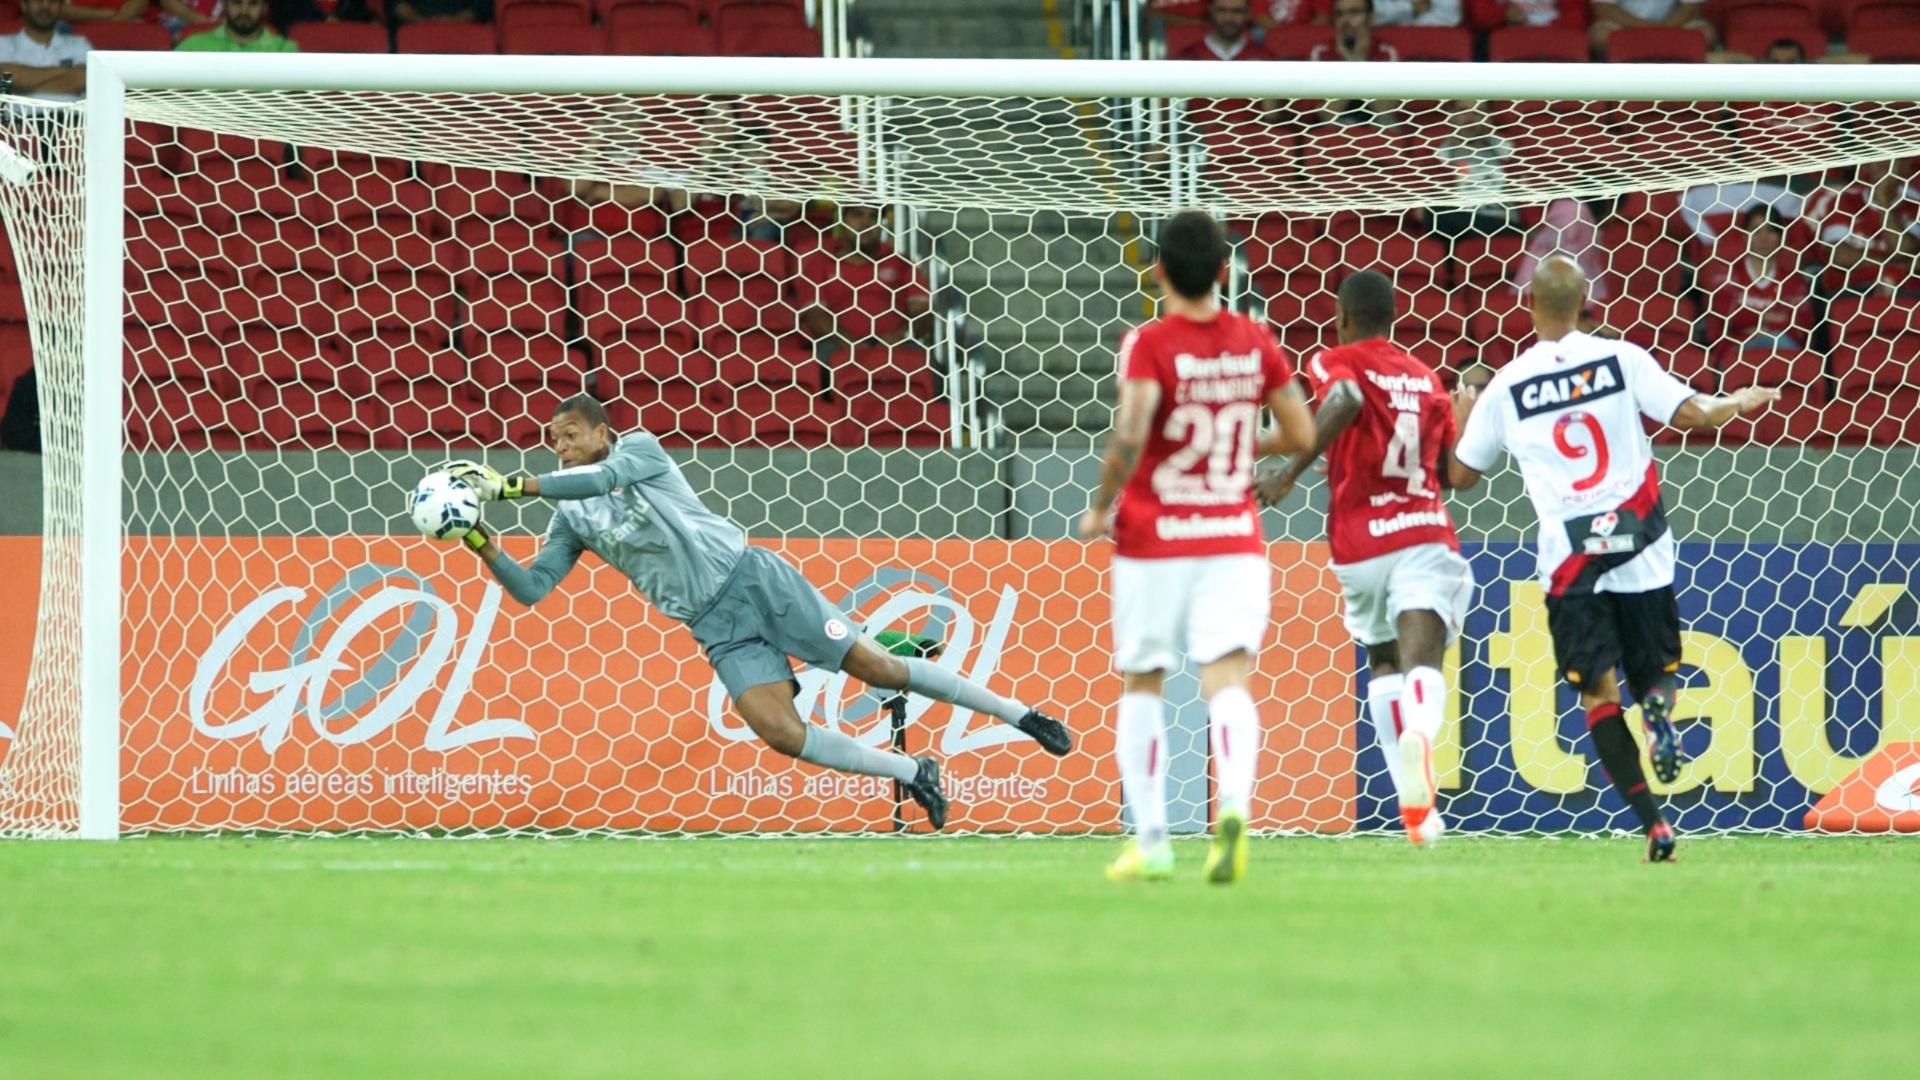 Goleiro Dida defende chute de jogador do Vitória na estreia do Inter no Campeonato Brasileiro 2014